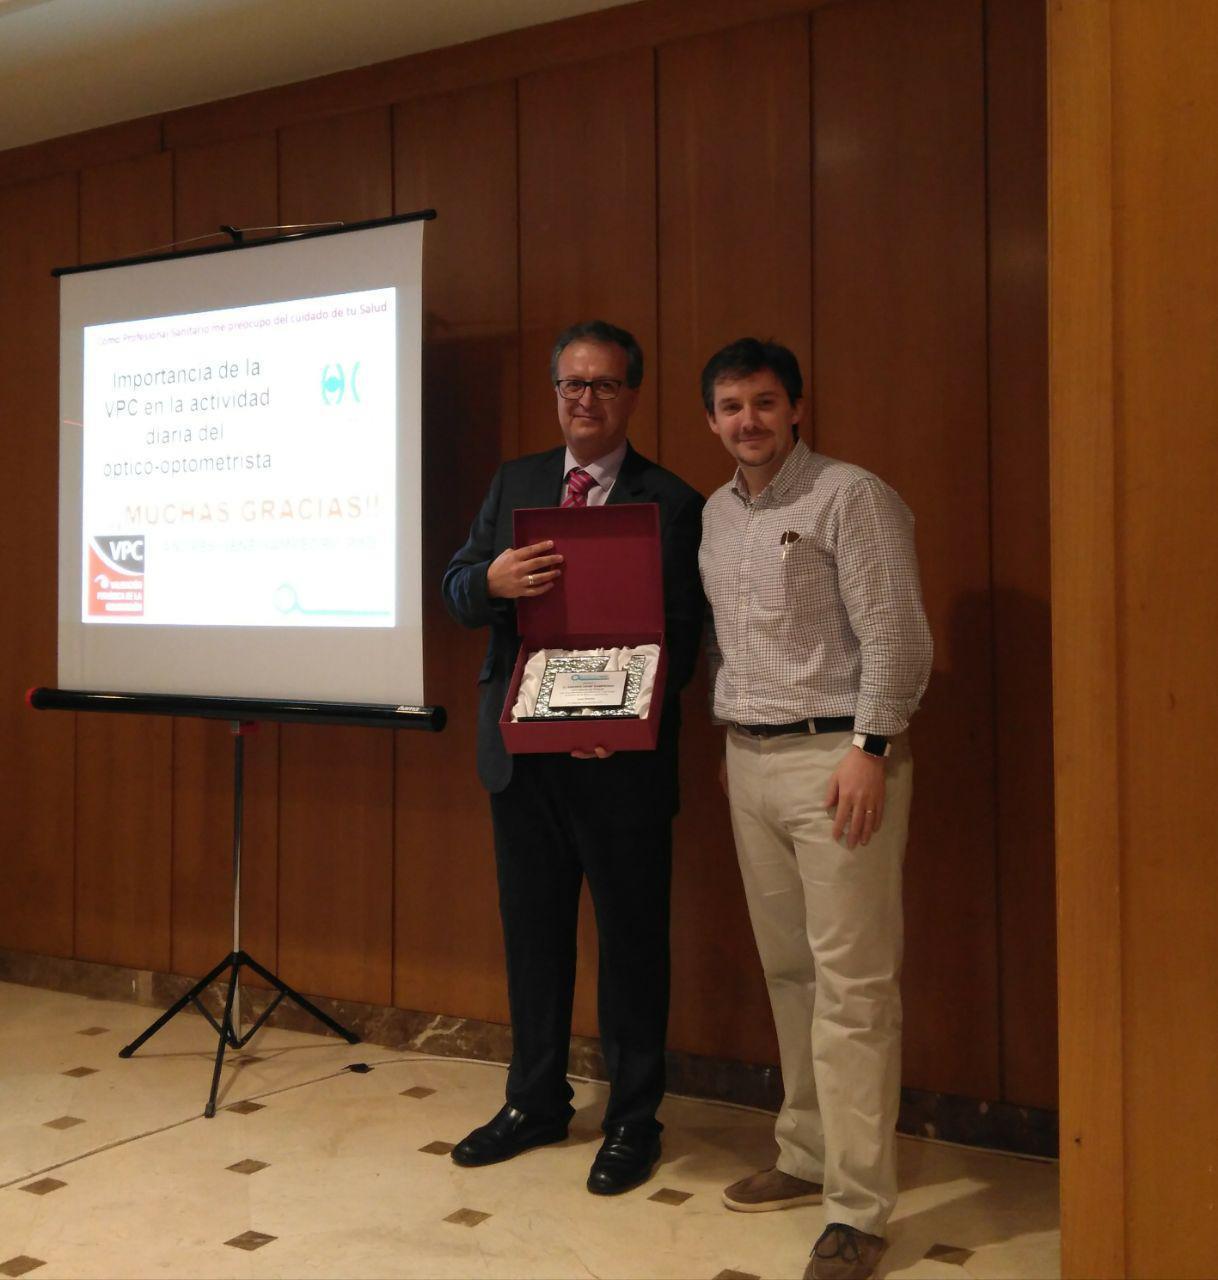 ANEOP nombra socios de honor a D. Andrés Gené y D. Alejandro Cerviño